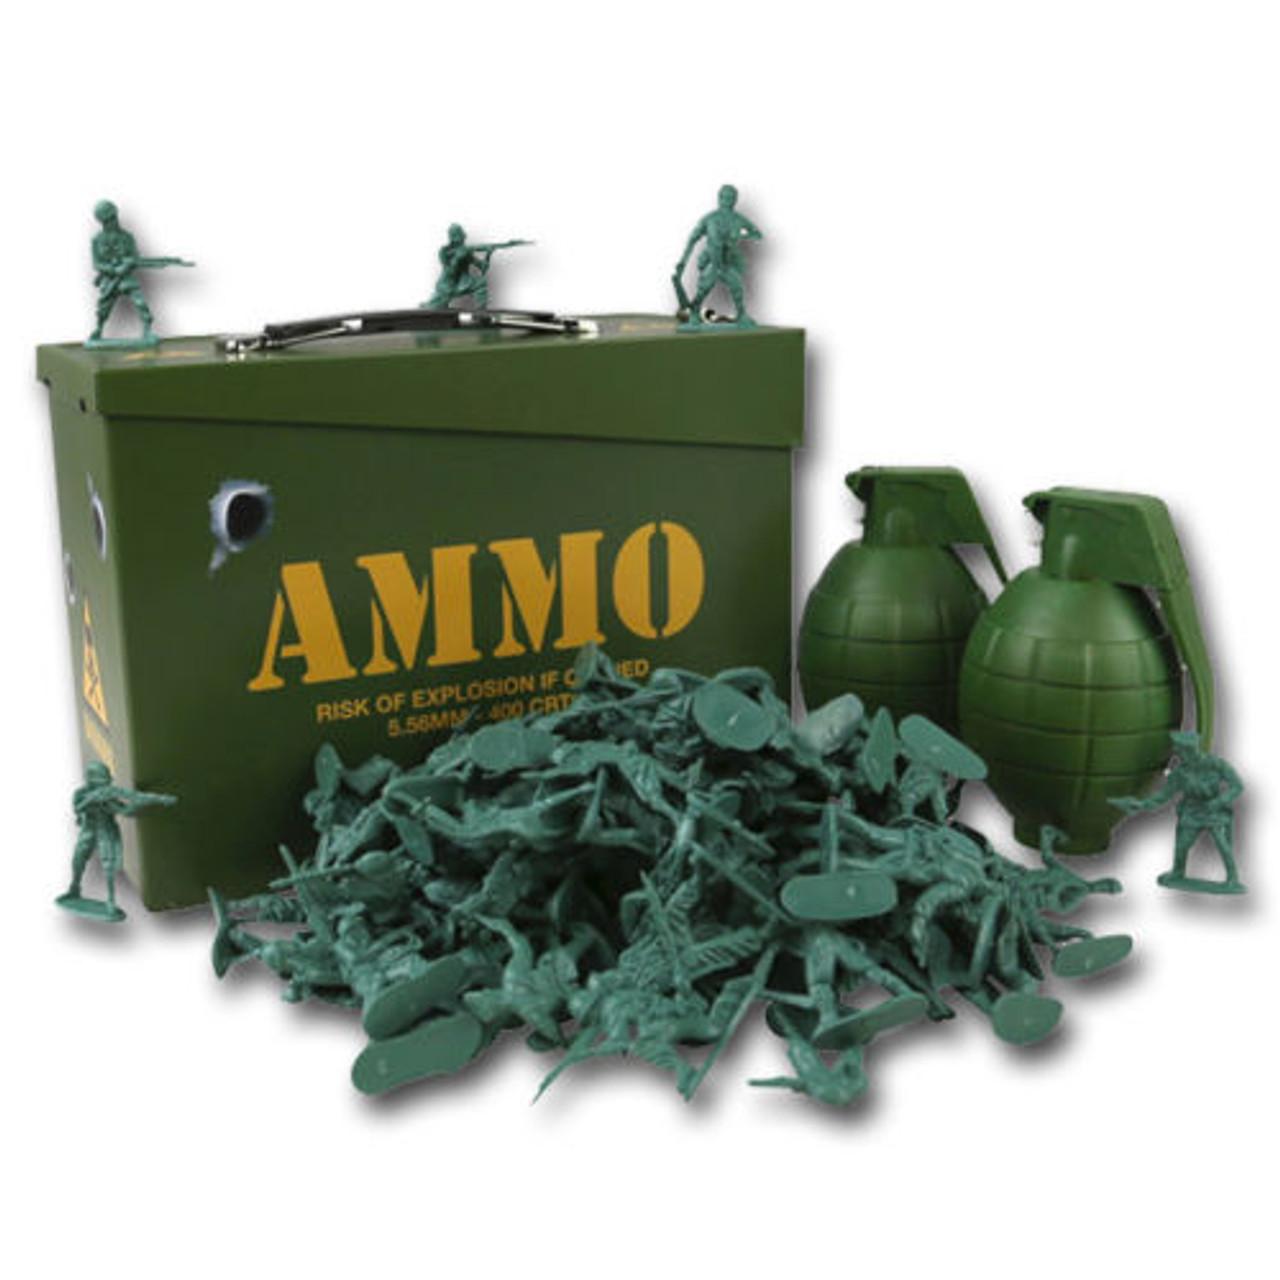 Children's Toy Soldier Ammo Box Play Set